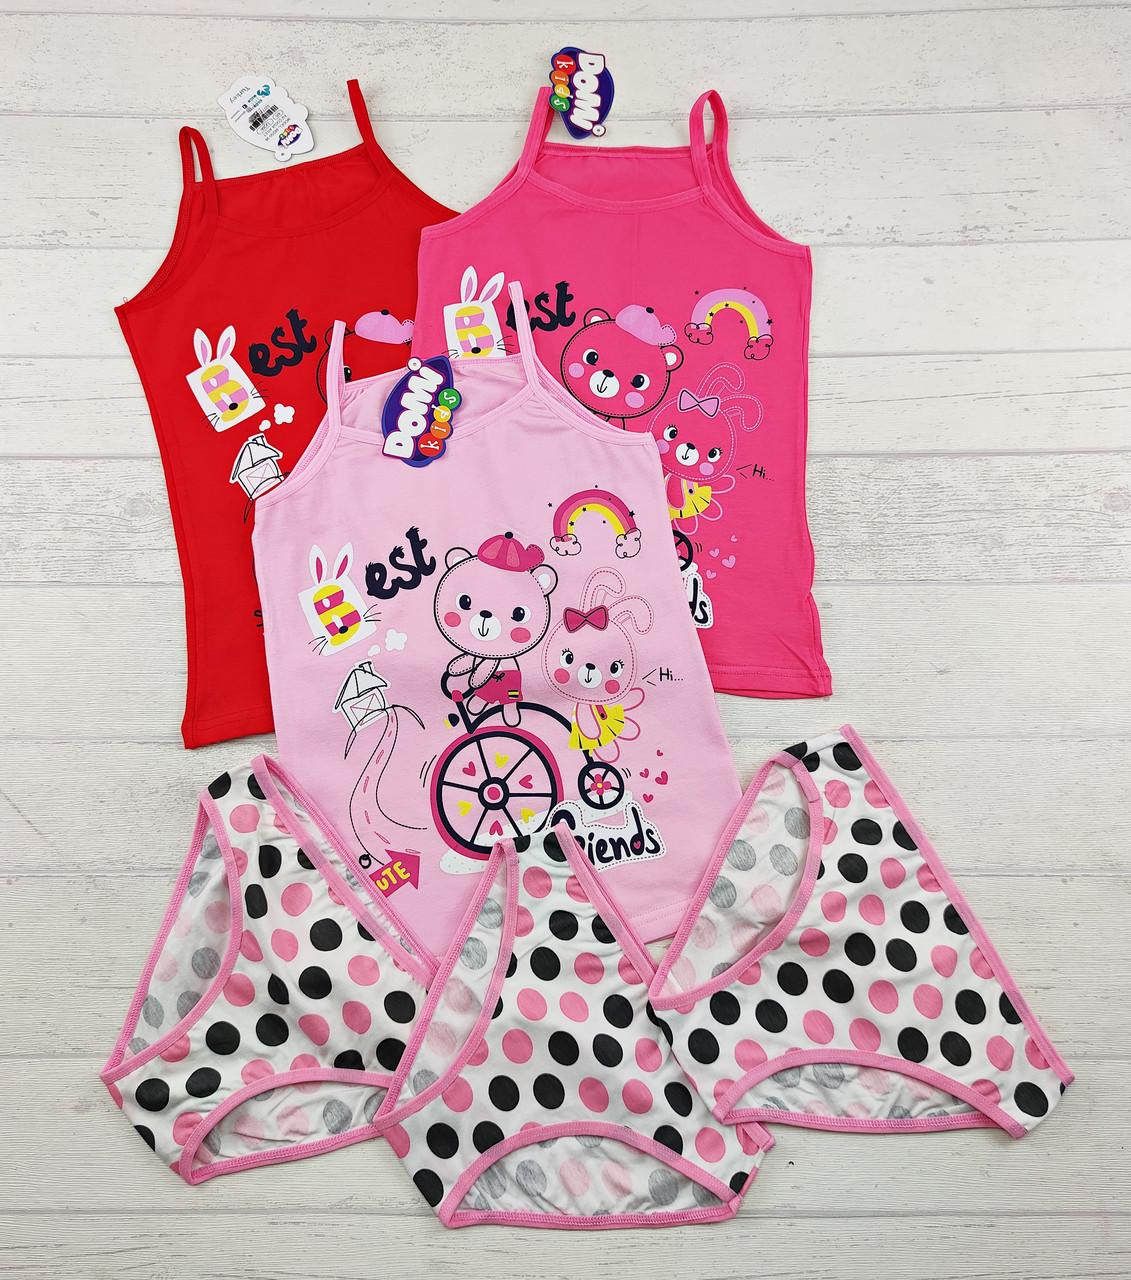 Комплект детского нижнего белья майка и трусики для девочек 2-3 года